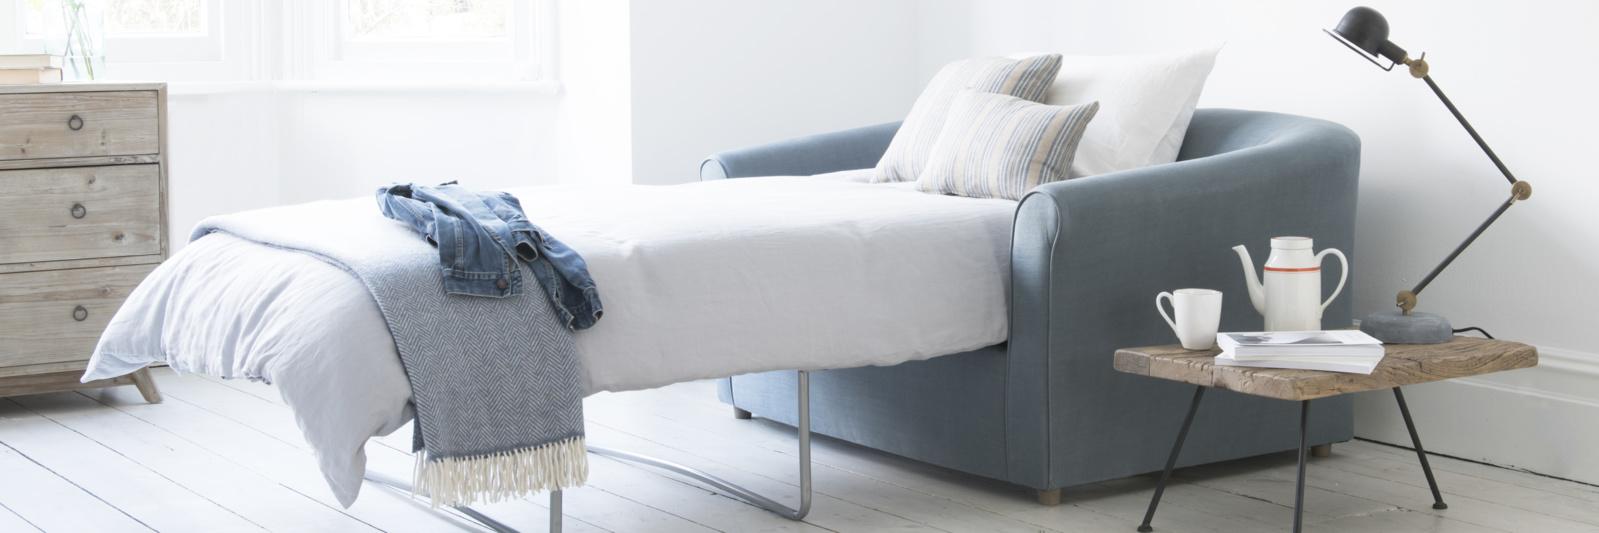 Handmade contemporary cutie pie luxury comfy sofa bed